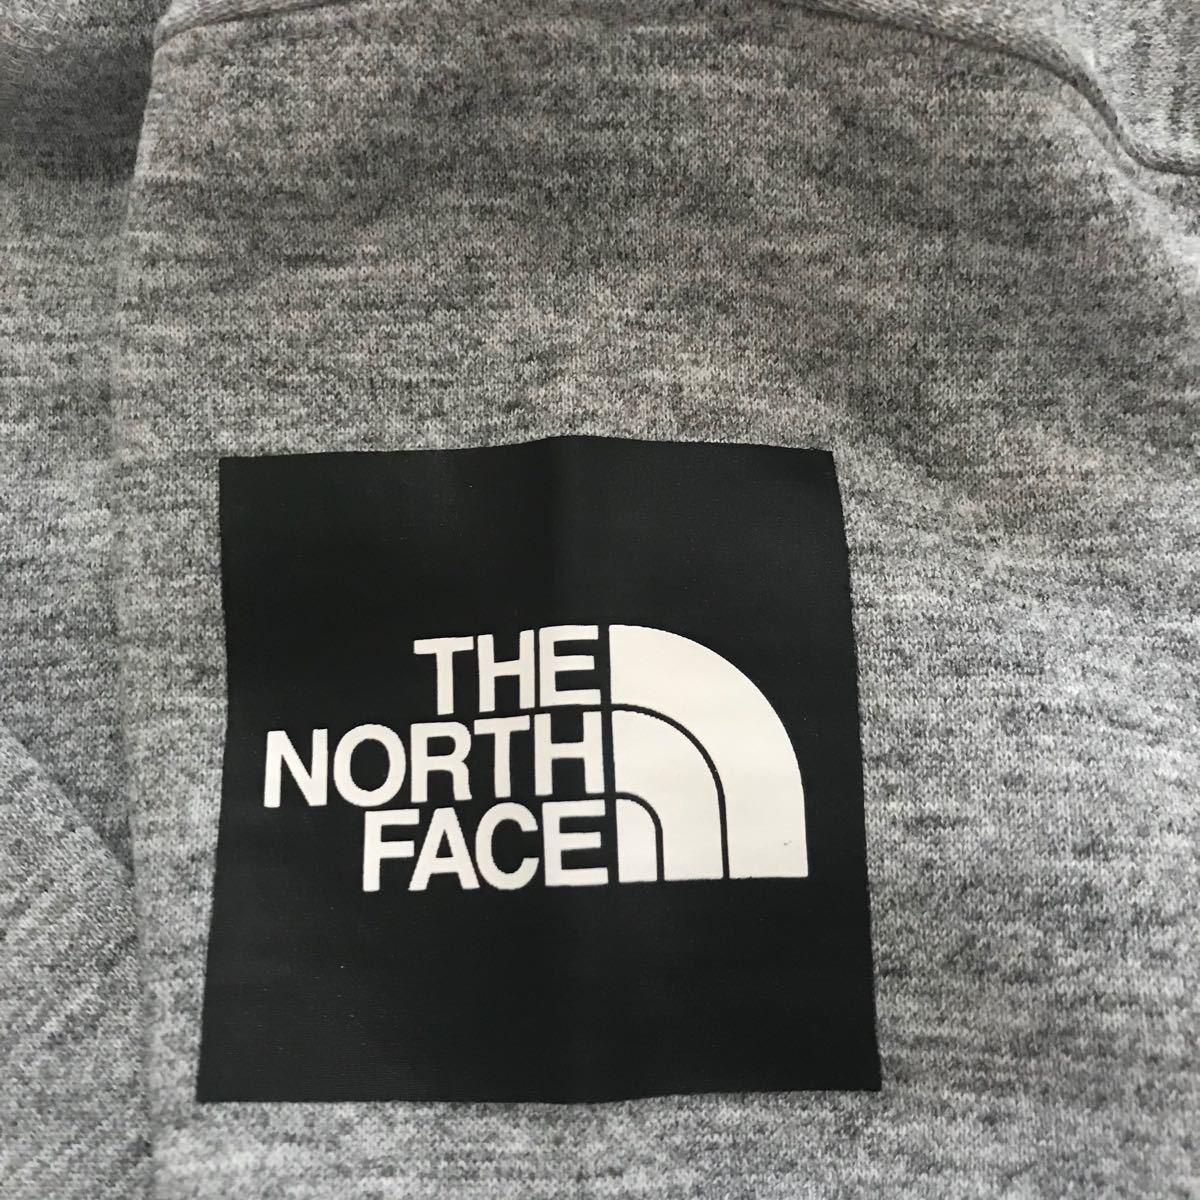 THE NORTH FACE ザ ノースフェイス  スウェットトレーナー